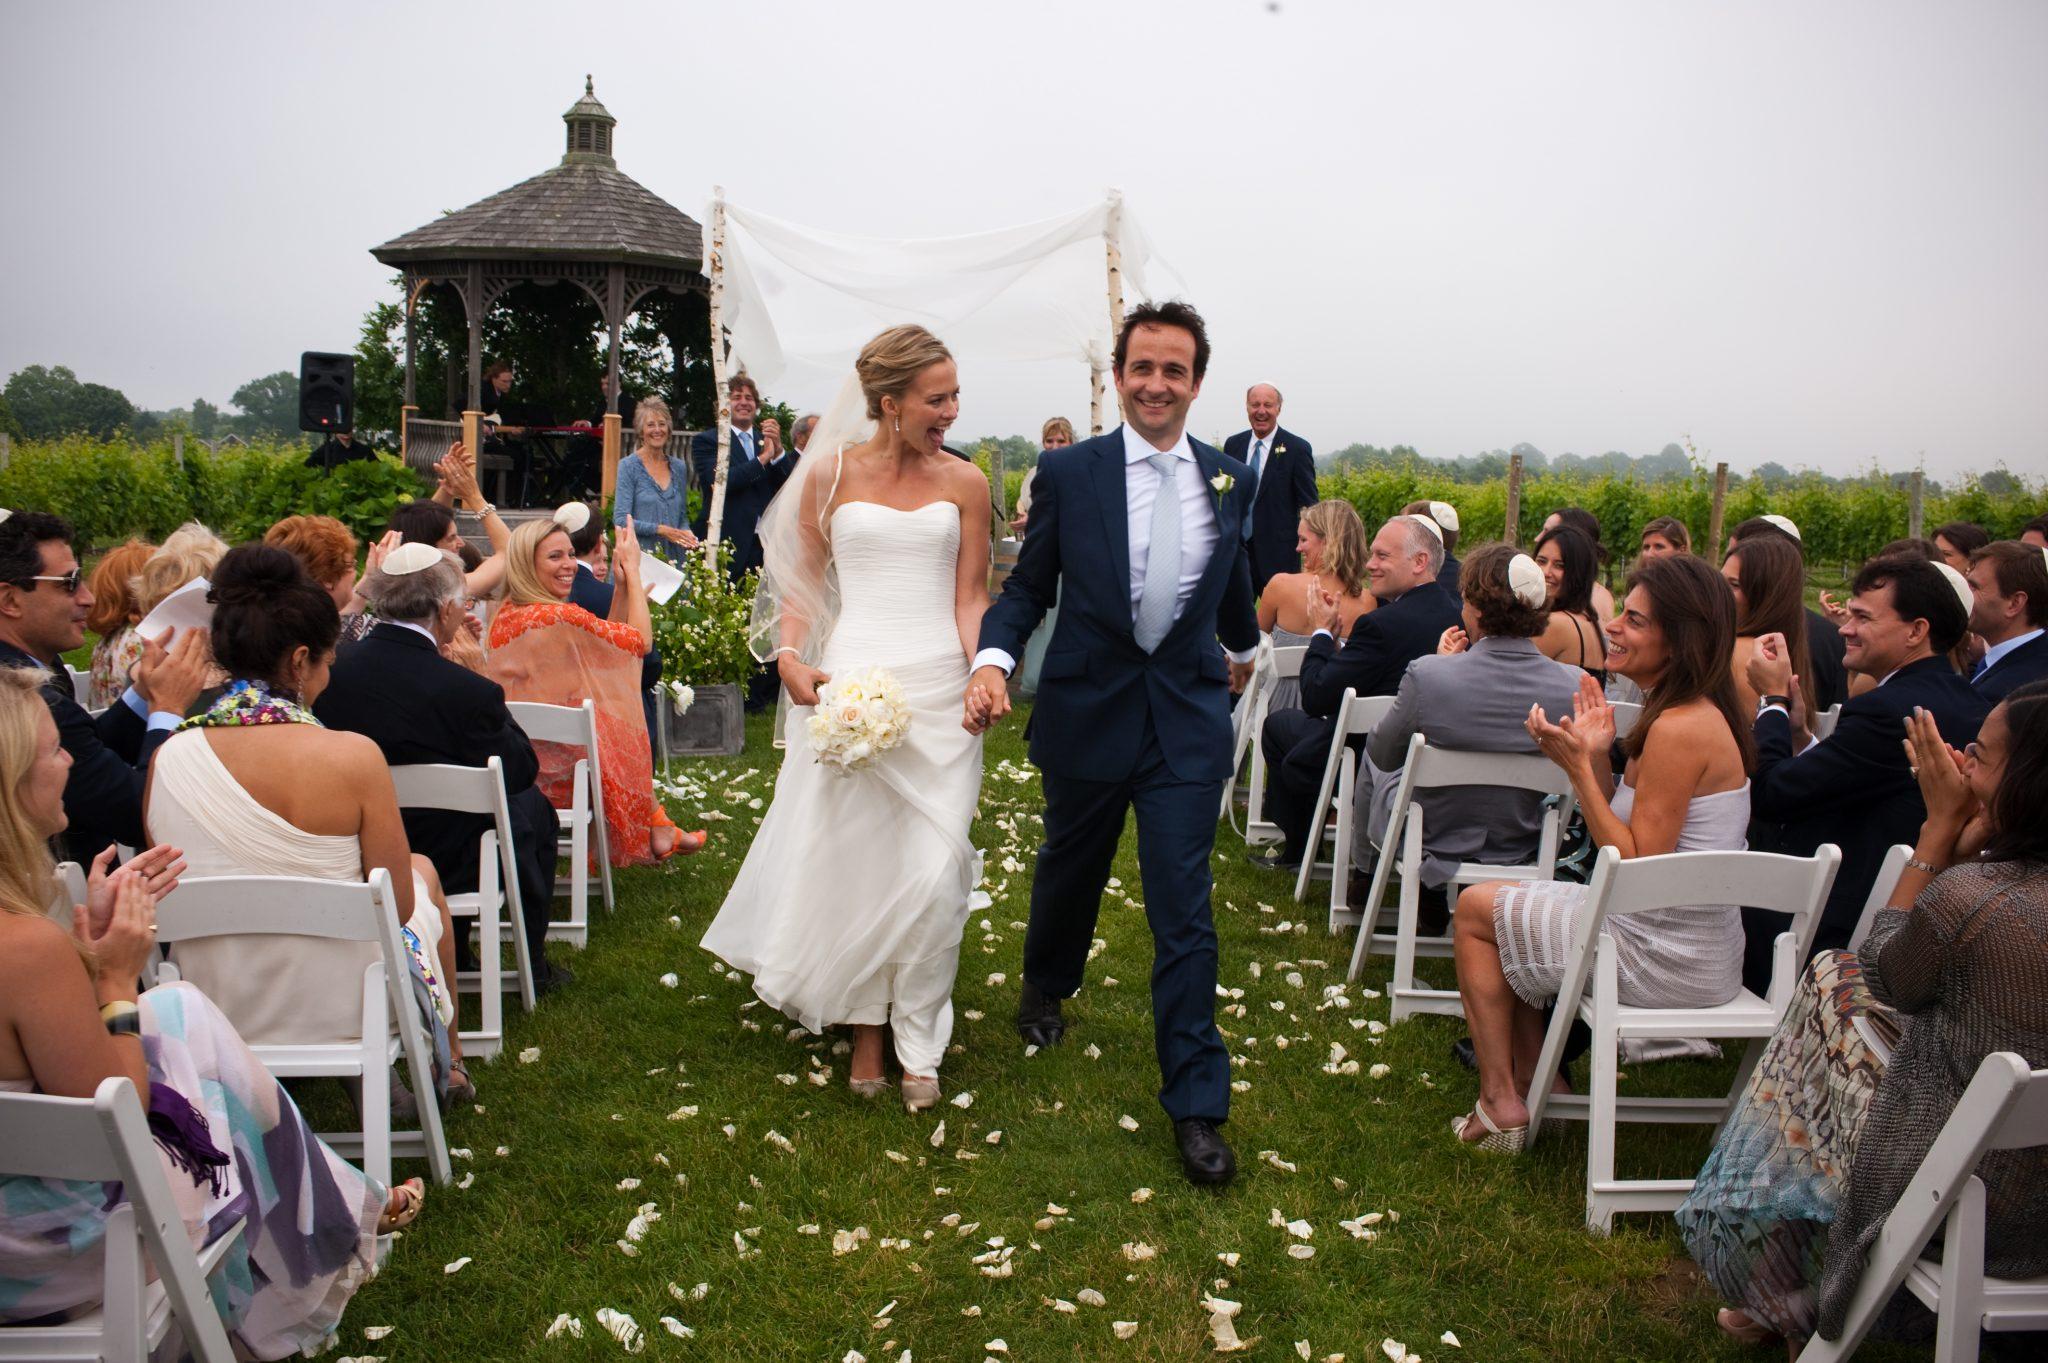 MARISSA HERMER'S WEDDING DRESS